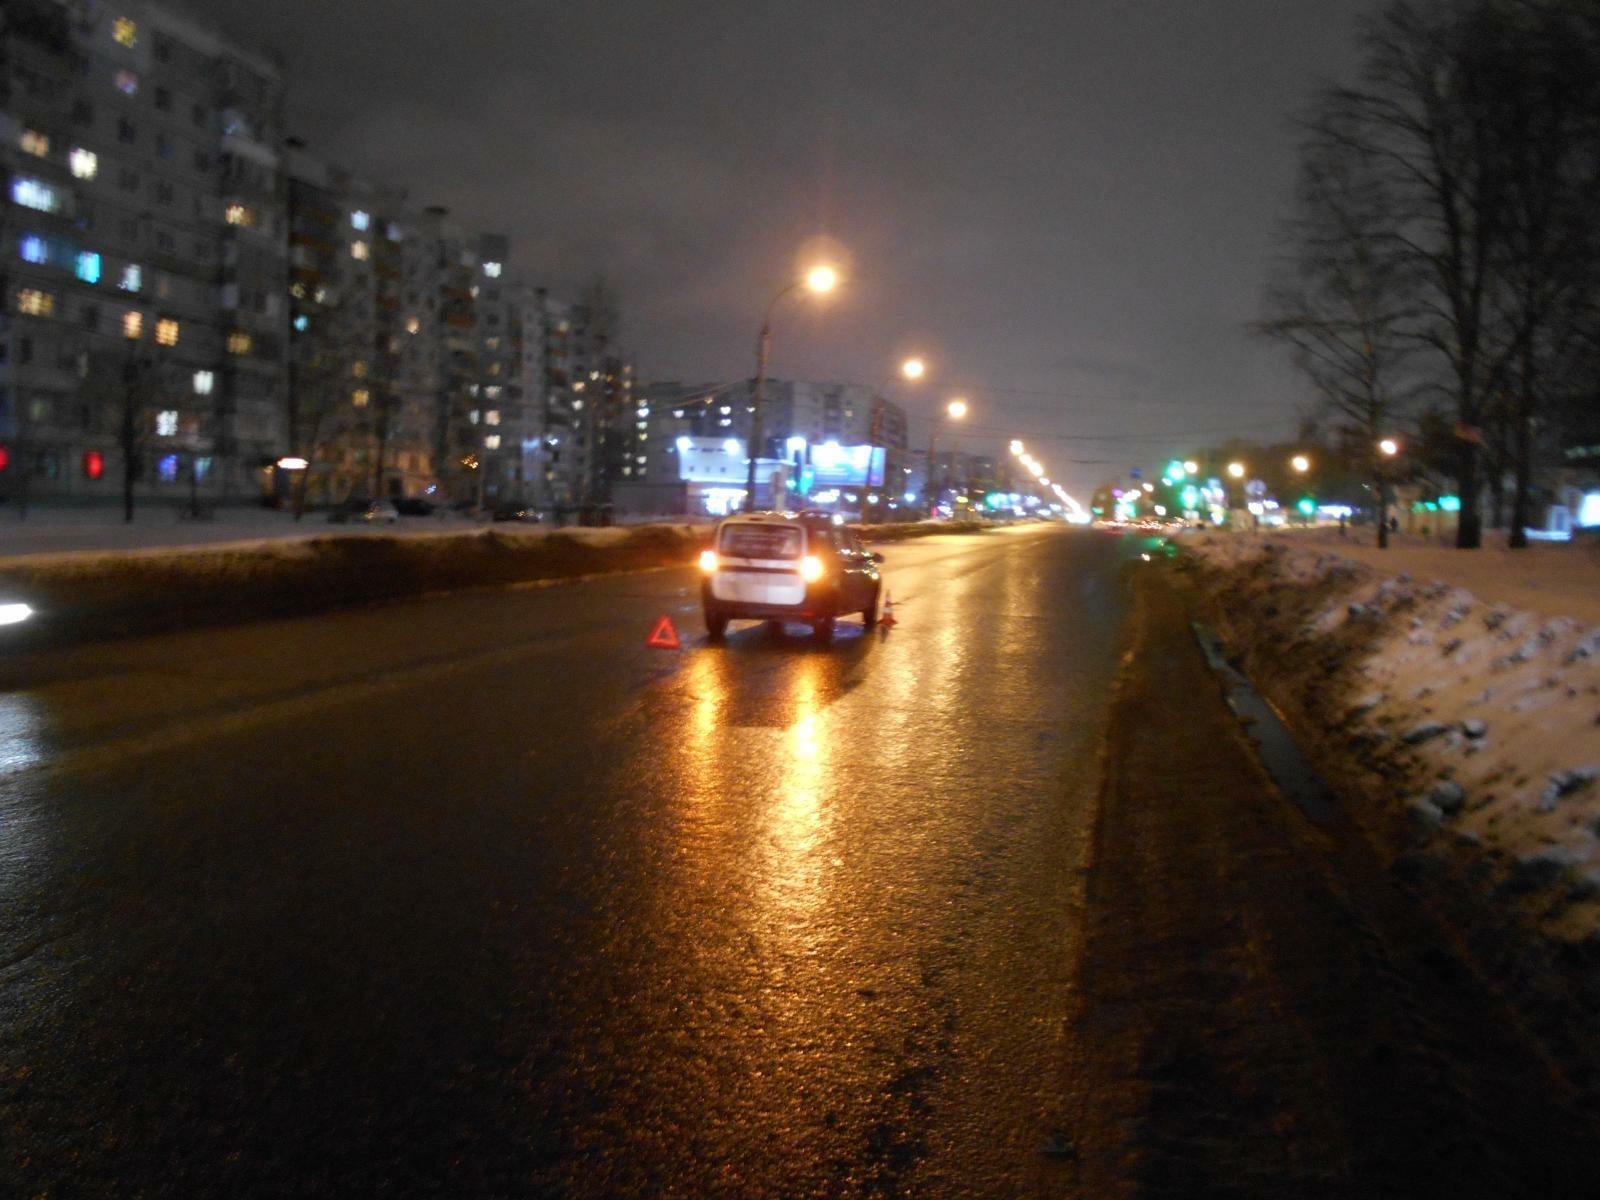 Подросток попал под колеса машины на крупном проспекте в Ярославле